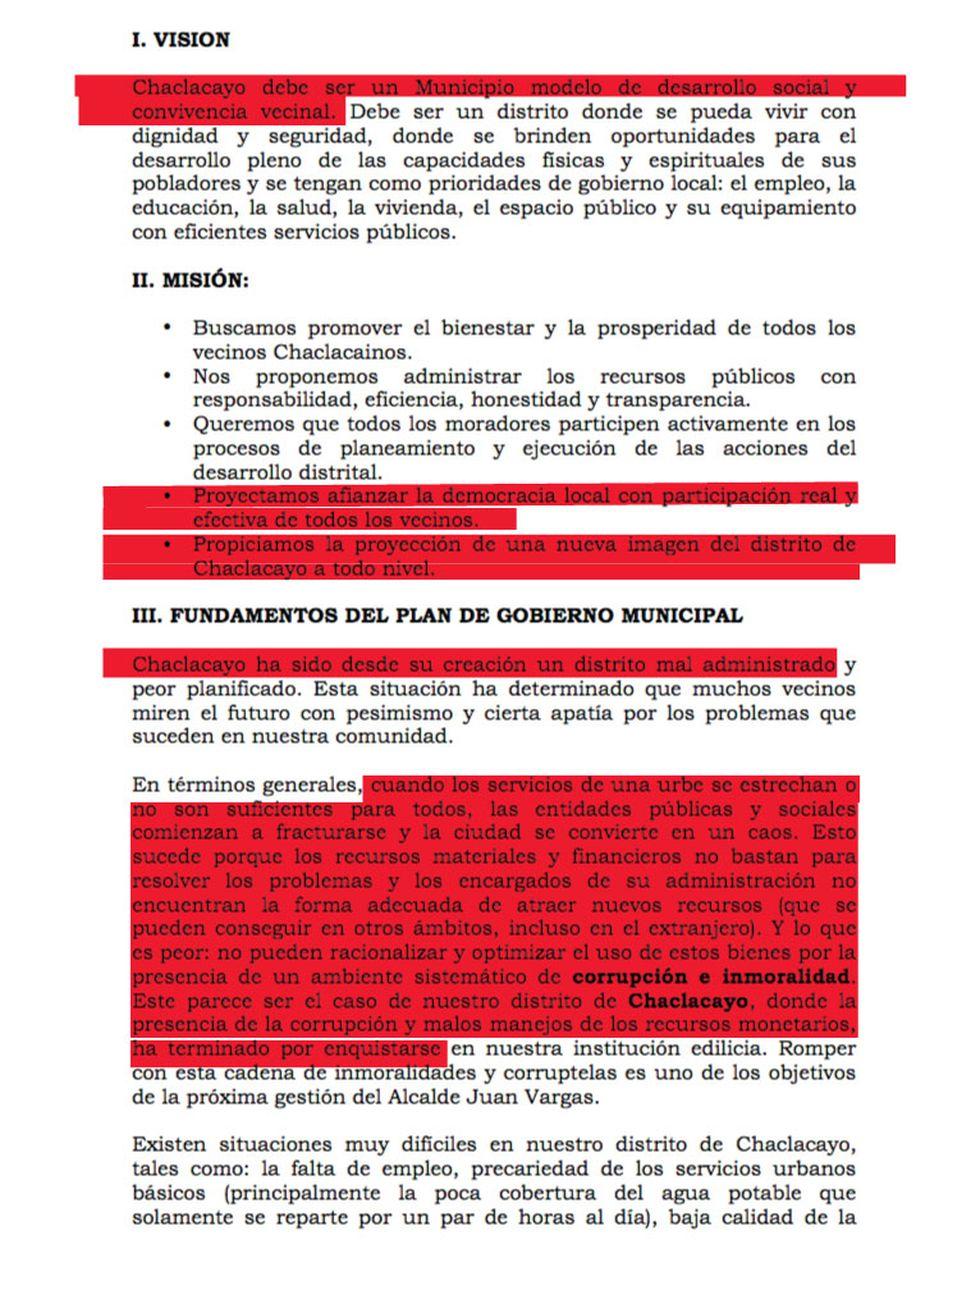 Plan Juan Vargas.